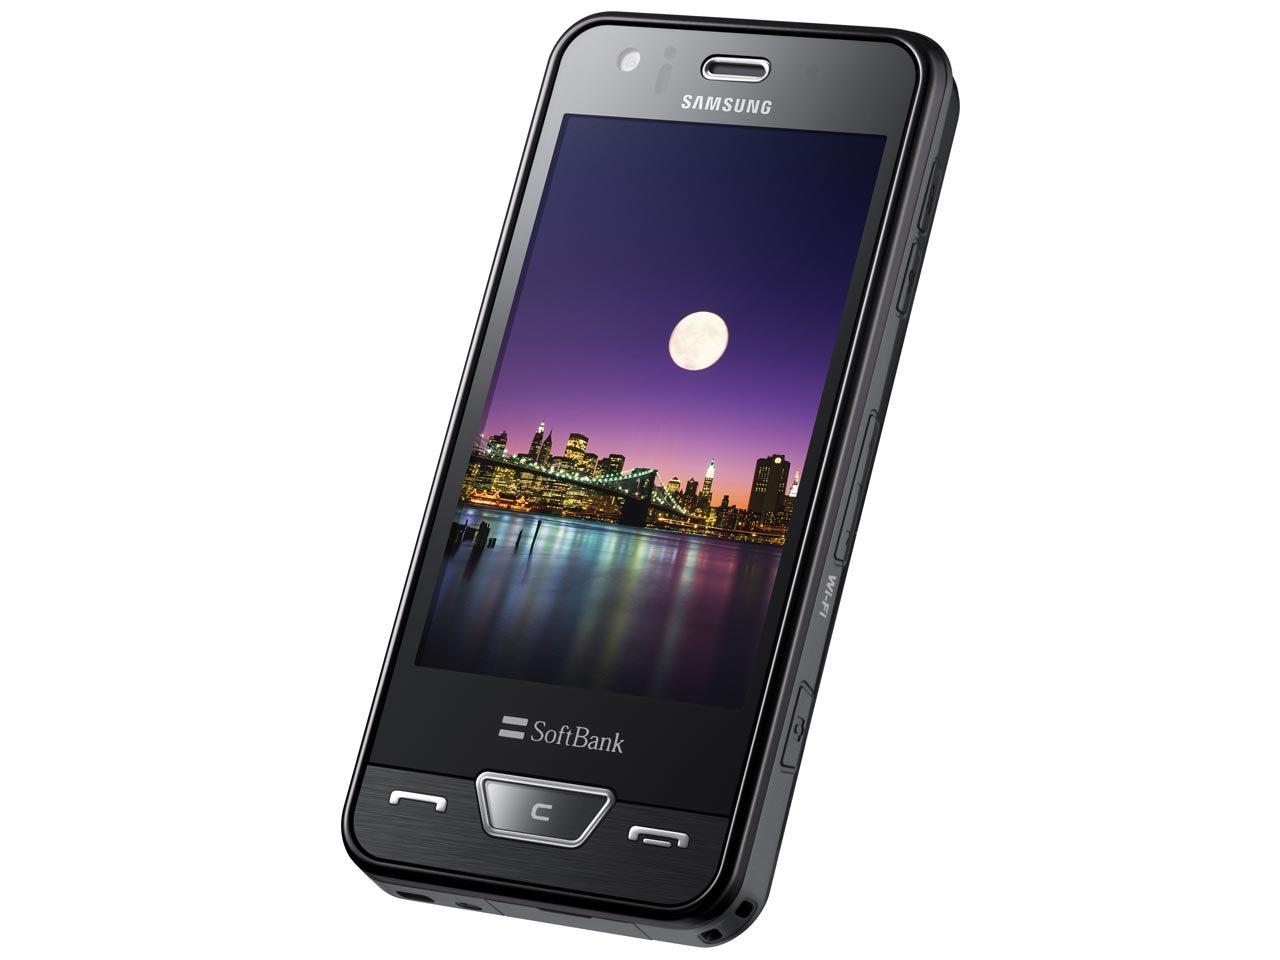 Softbank 941SC ブラック 白ロム 携帯   B00A6TRNE6